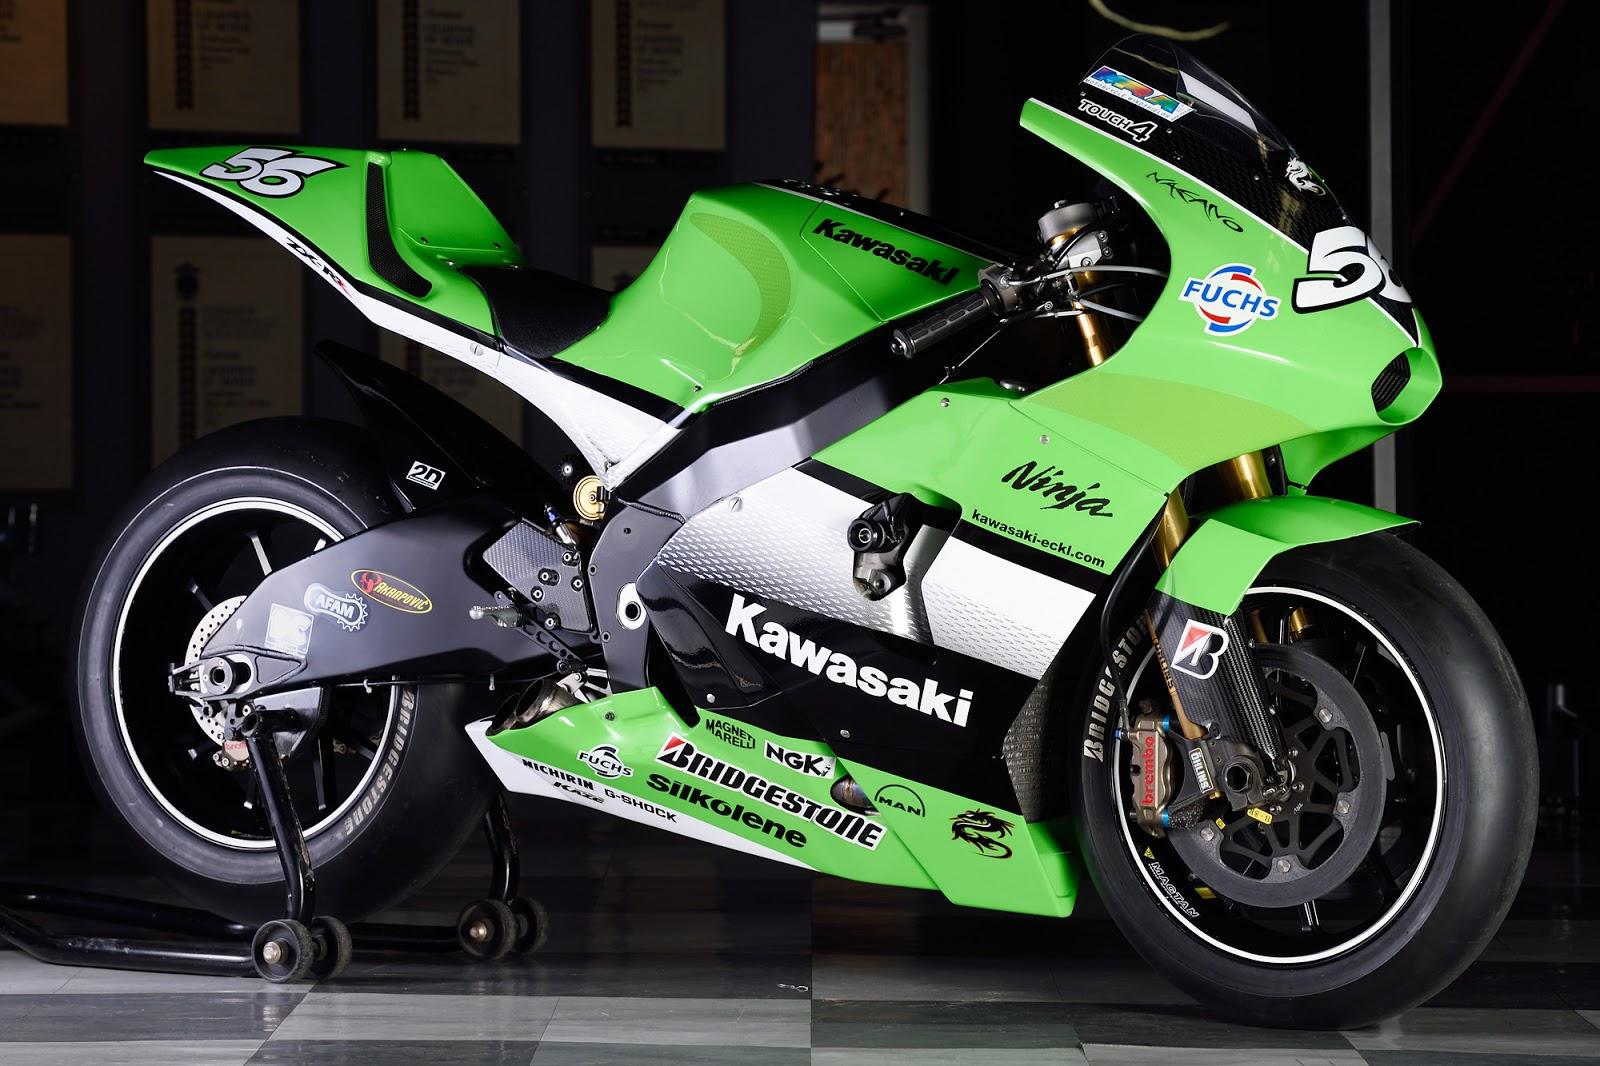 Racing Cafe Kawasaki Zx Rr Motogp 2005